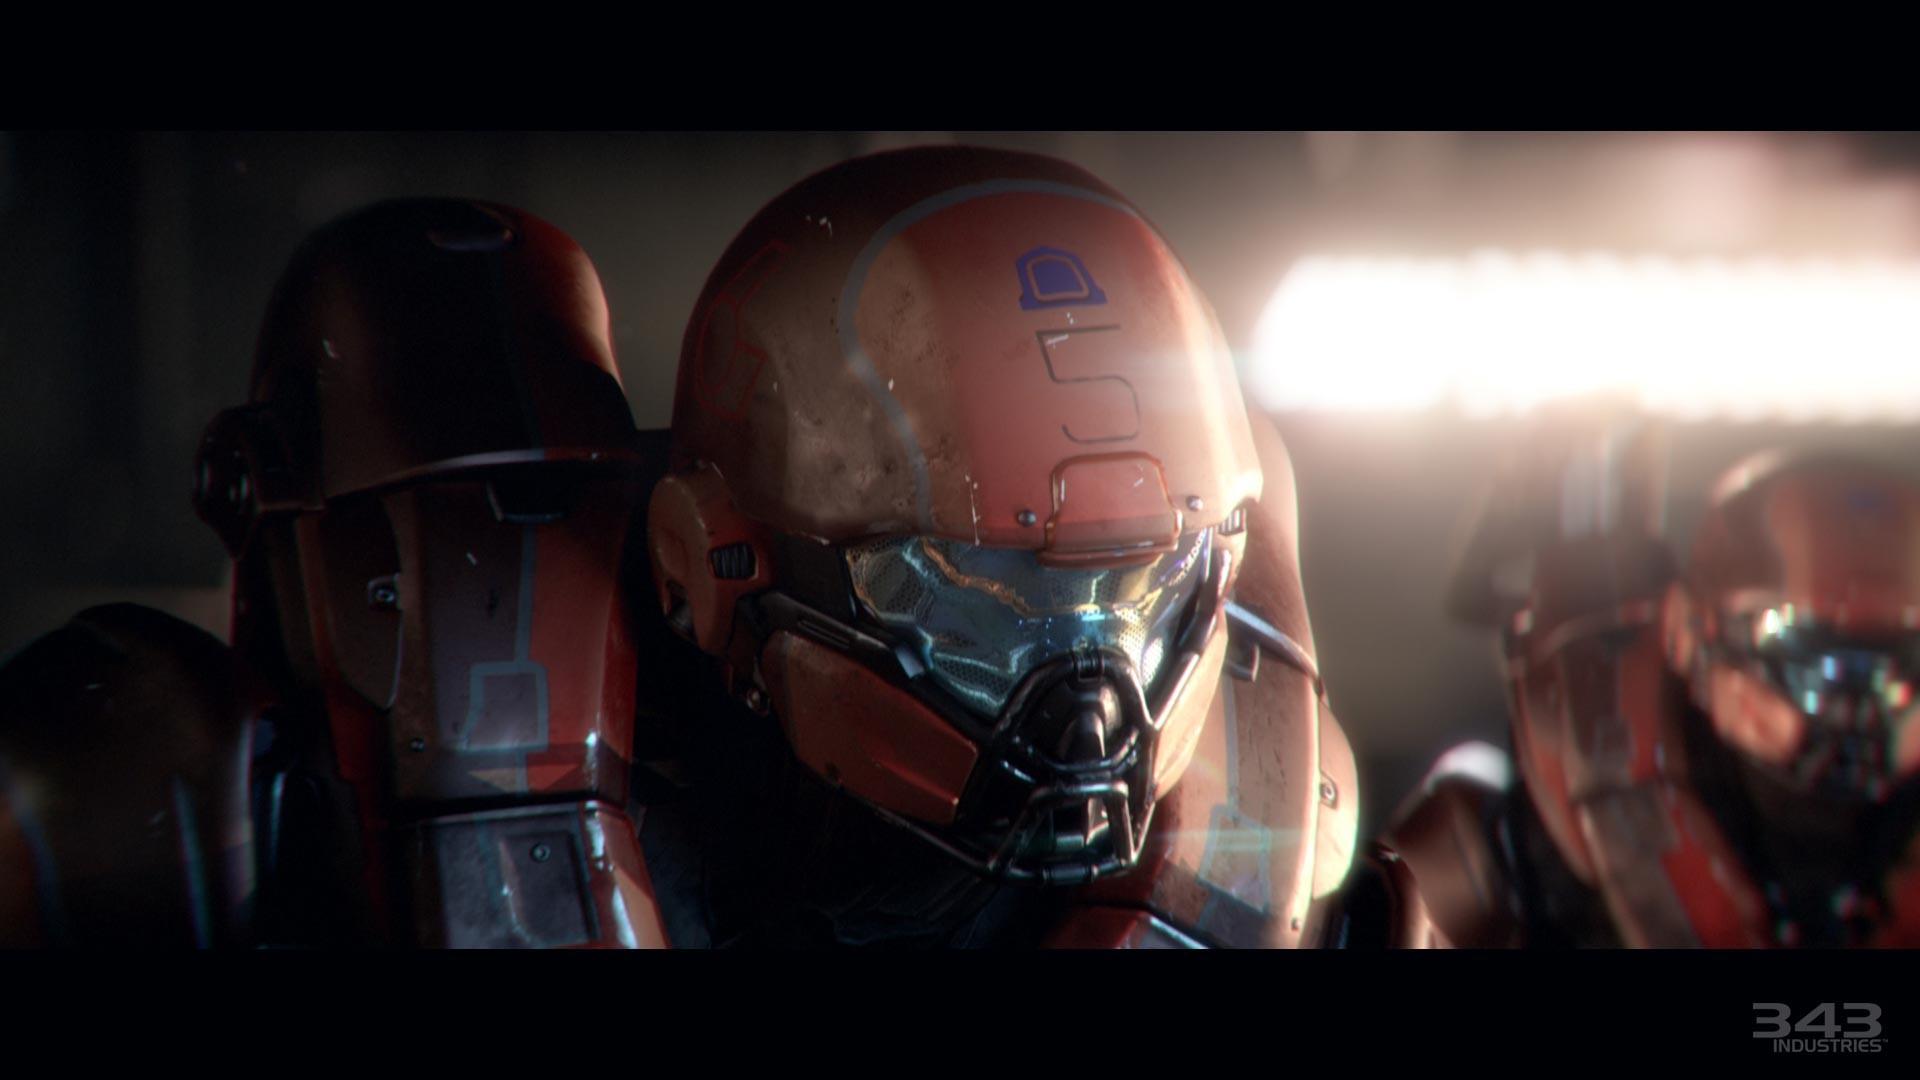 Halo 5: Guardia… Far Cry 3 Wallpaper 1080p